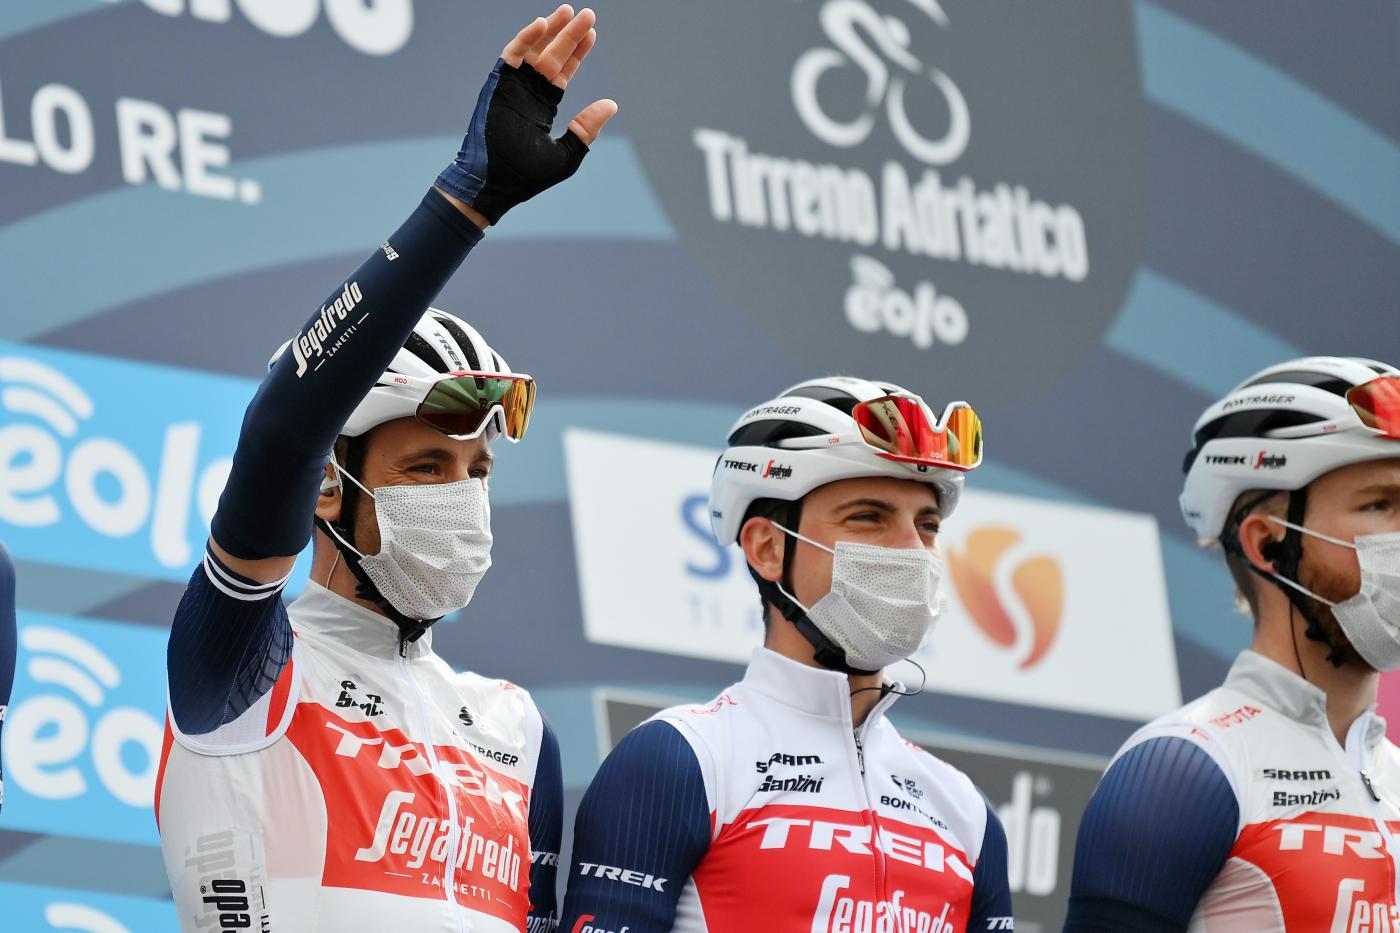 """Ciclismo, diverbio tra Ciccone e Nibali! """"Ero scattato, ha riportato tutti sotto""""; """"E' un ragazzo del Sud come me"""""""